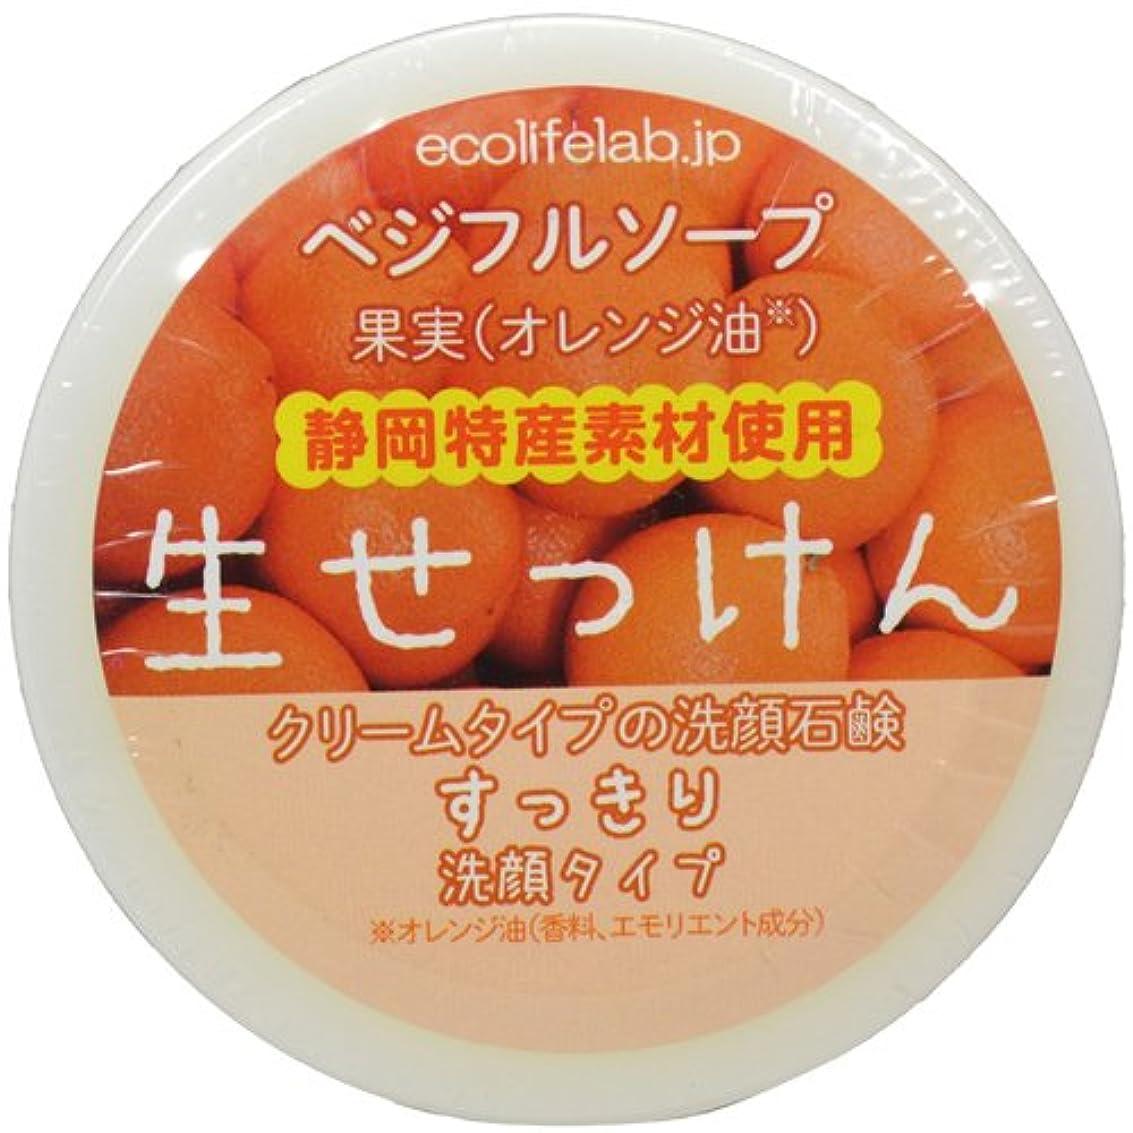 コーデリア資源国民投票ベジフルソープ 生せっけん(果実) すっきり洗顔タイプ 40g